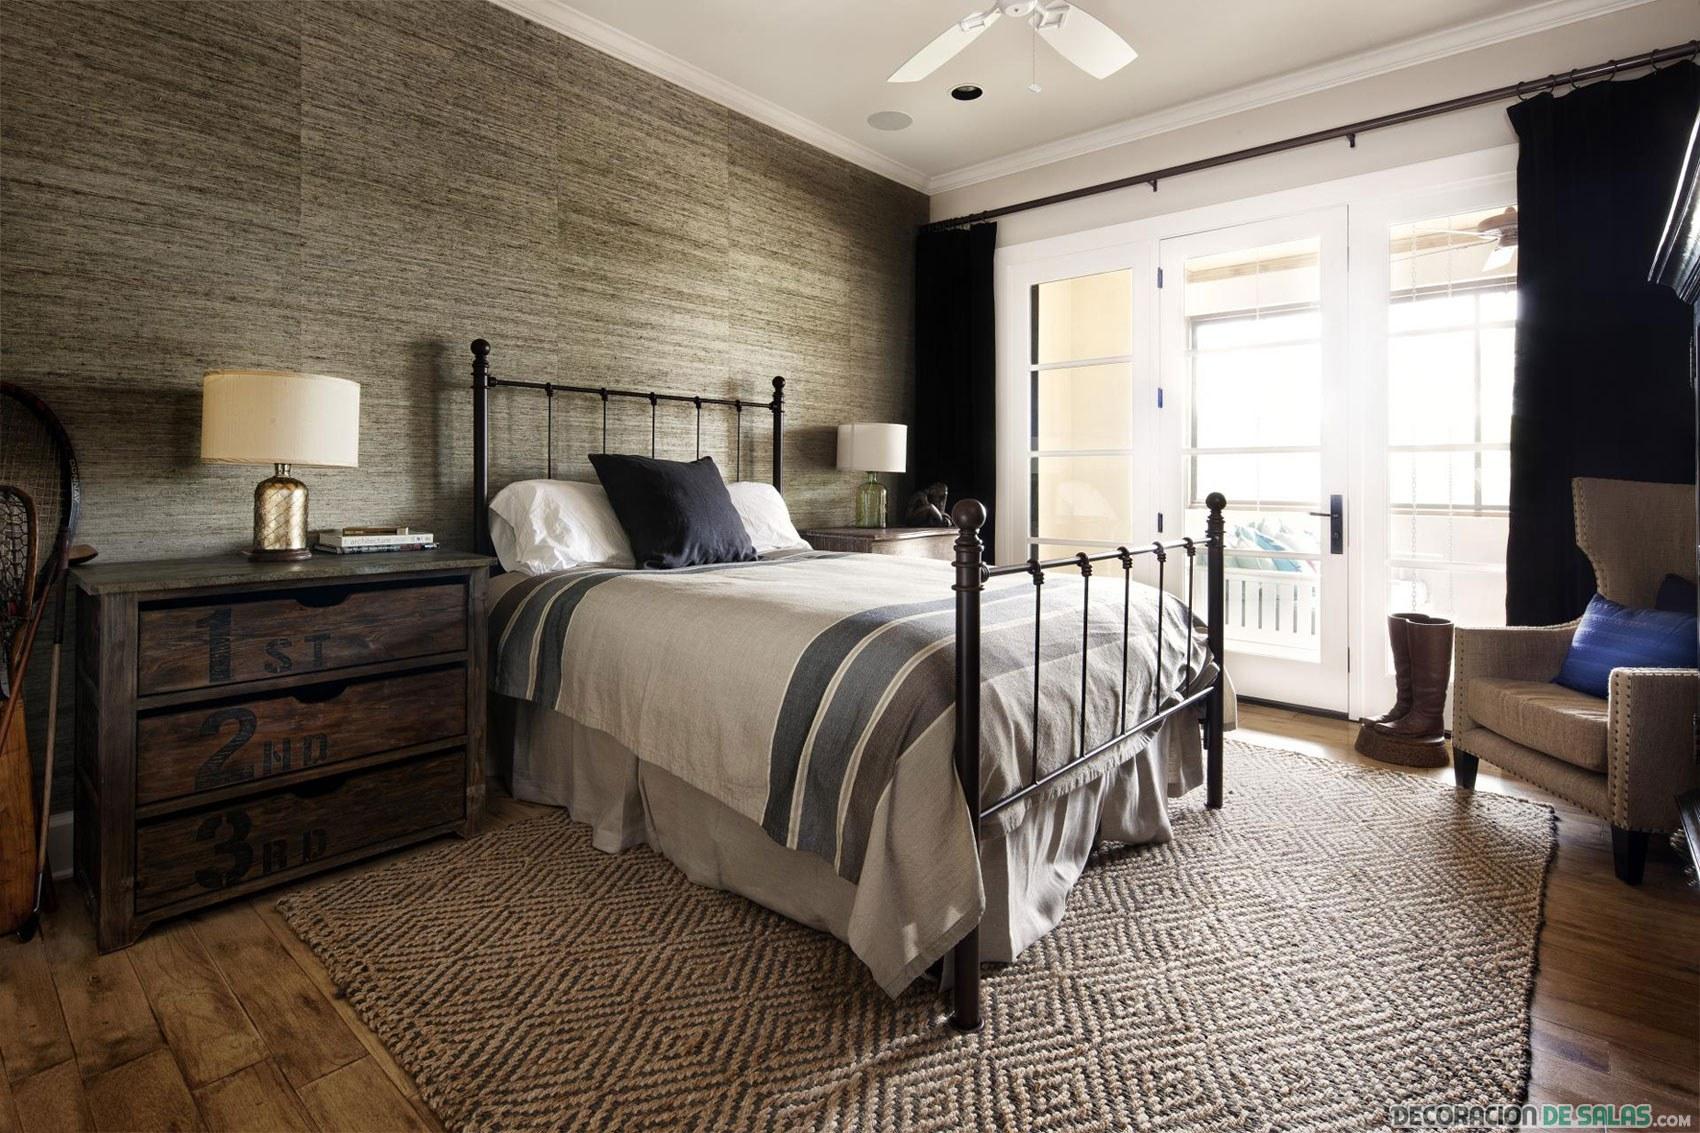 cama de forja en decoración rústica